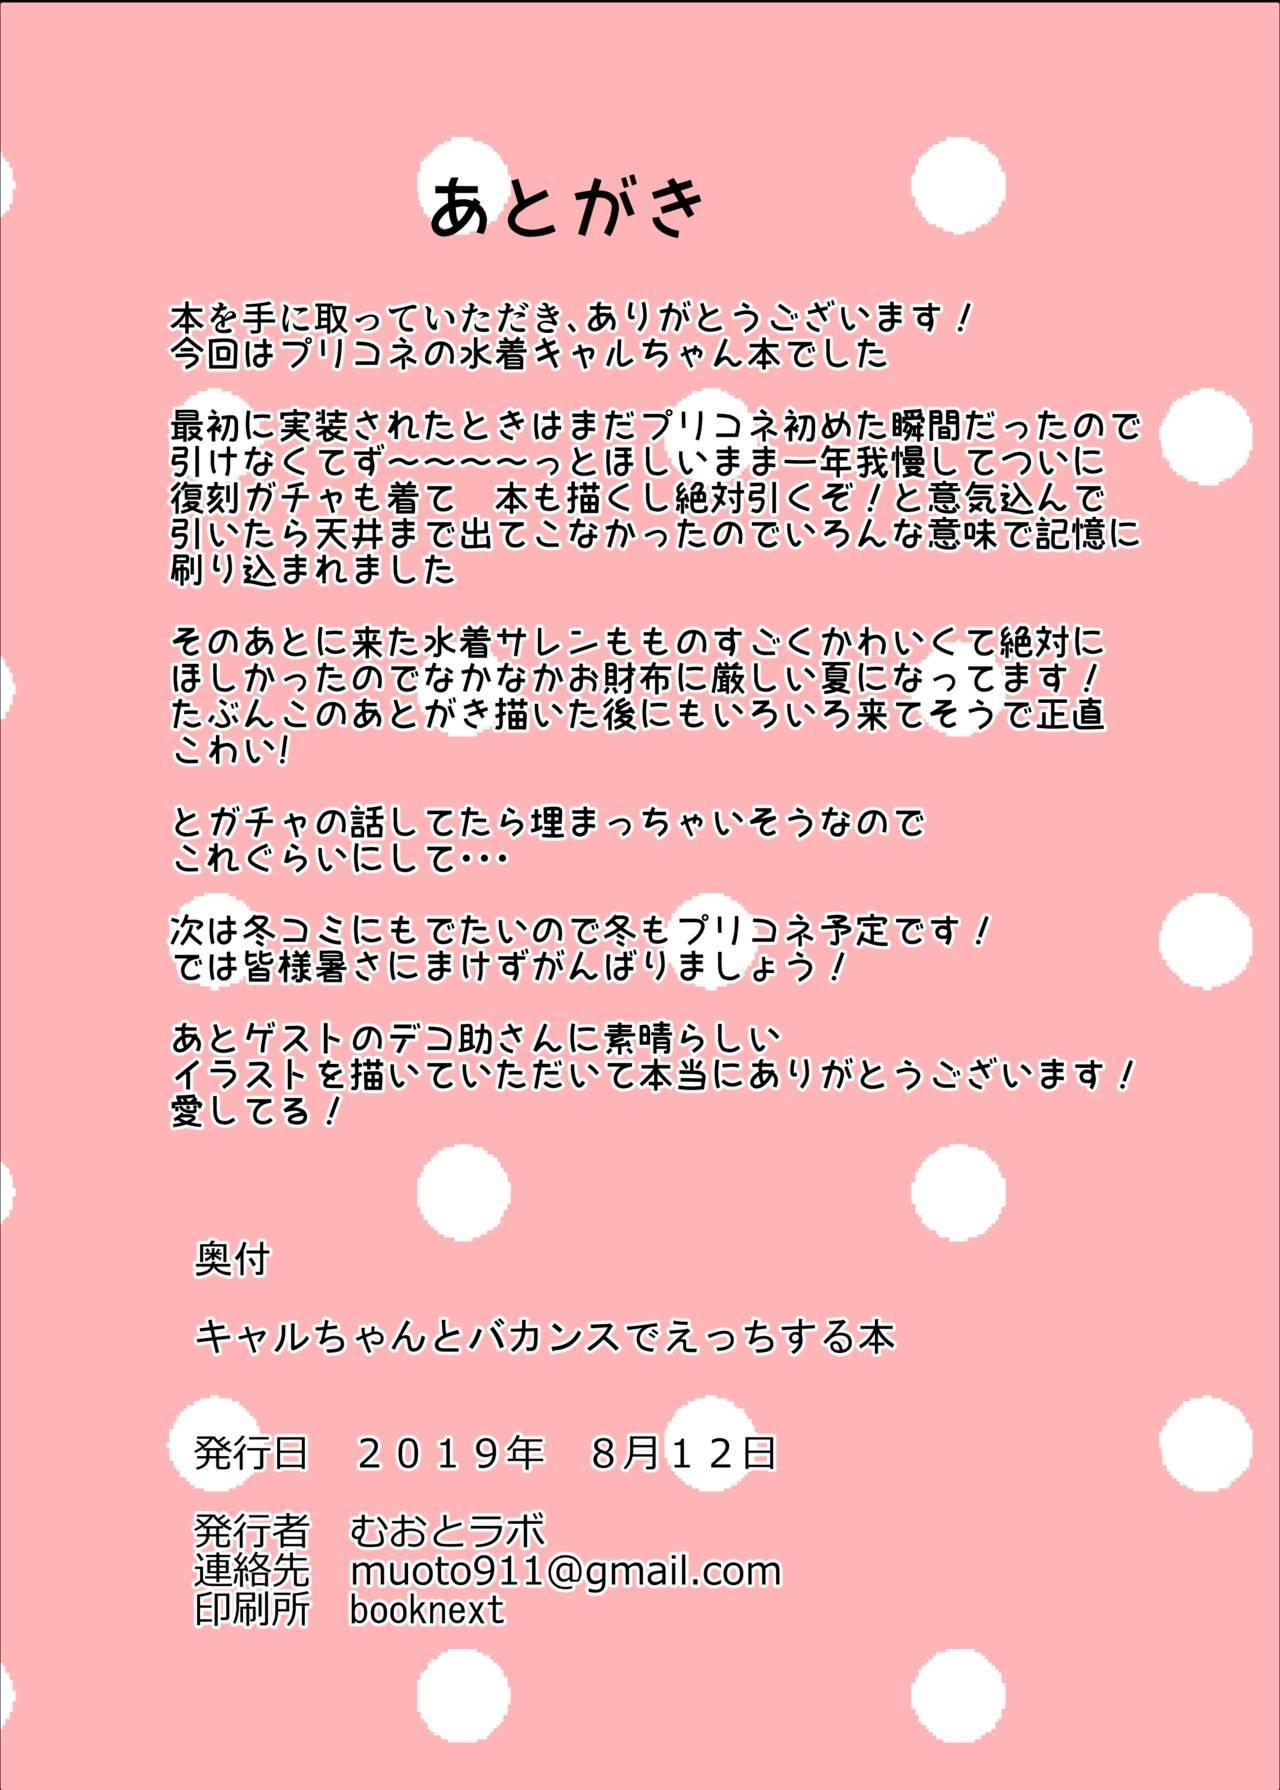 Kyaru-chan to Vacance de Ecchi Suru Hon 12